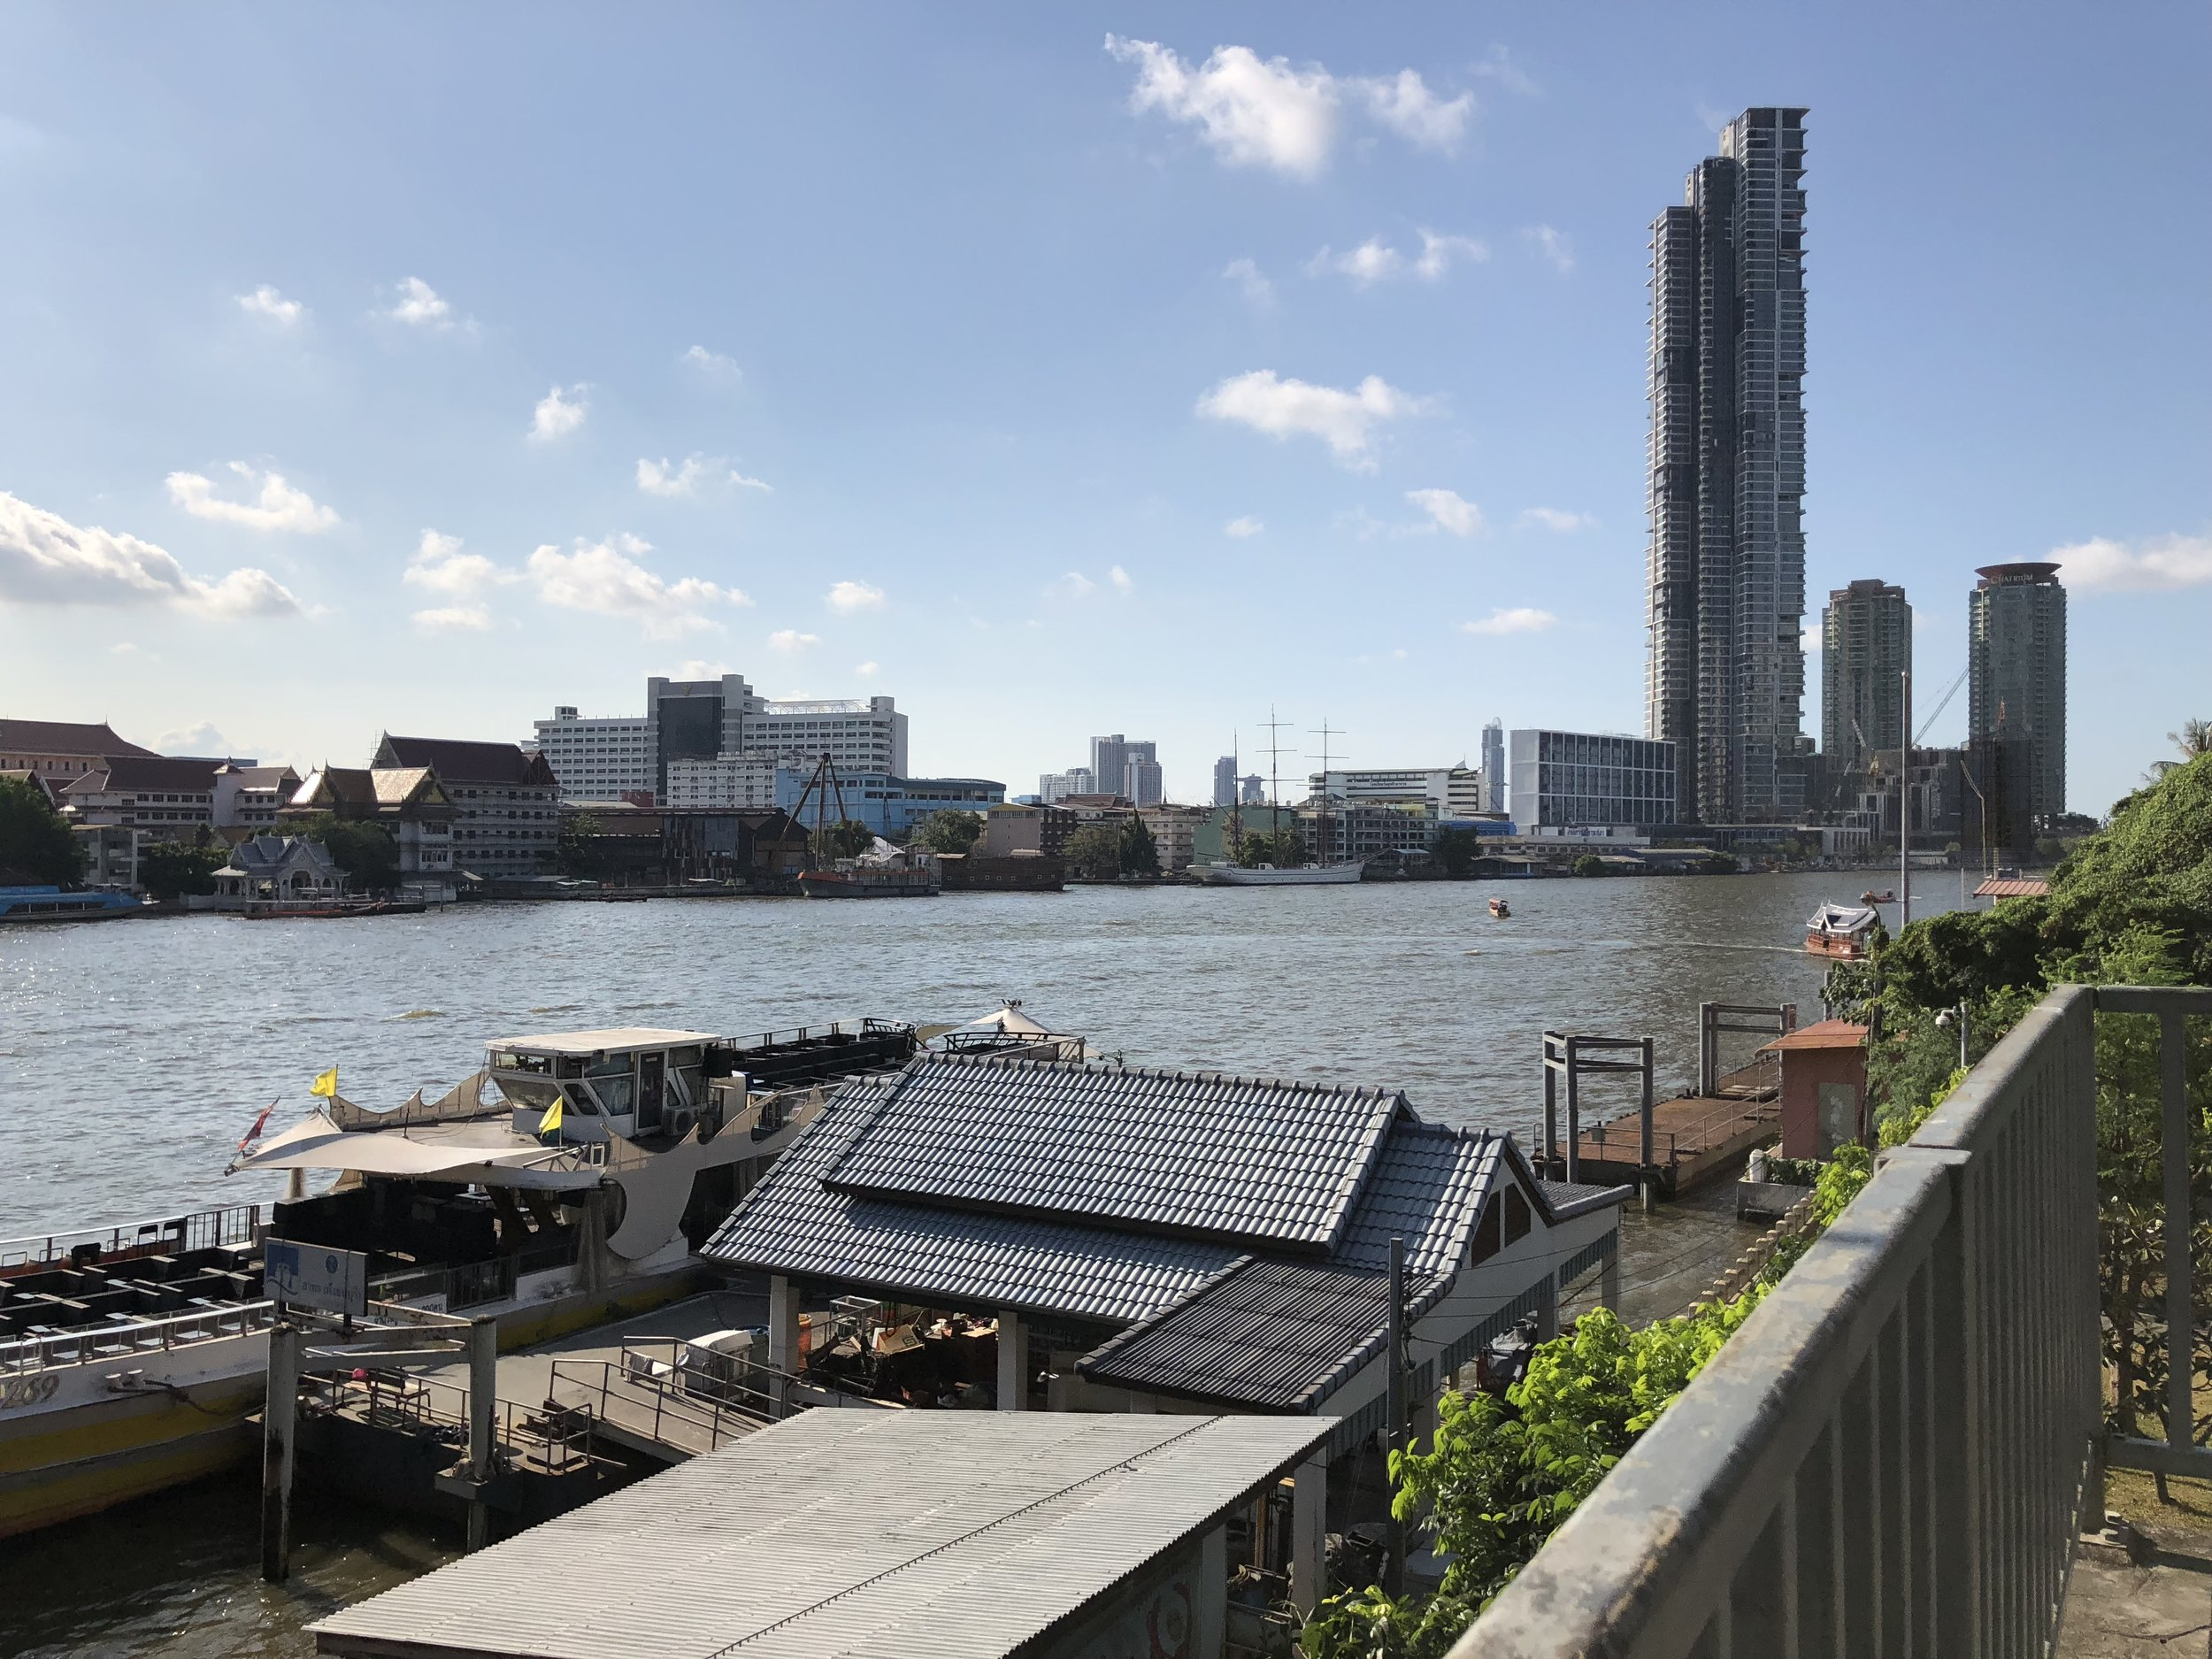 La vista de Chao Praya y un muelle con barcos para transportar la gente desde un puente.